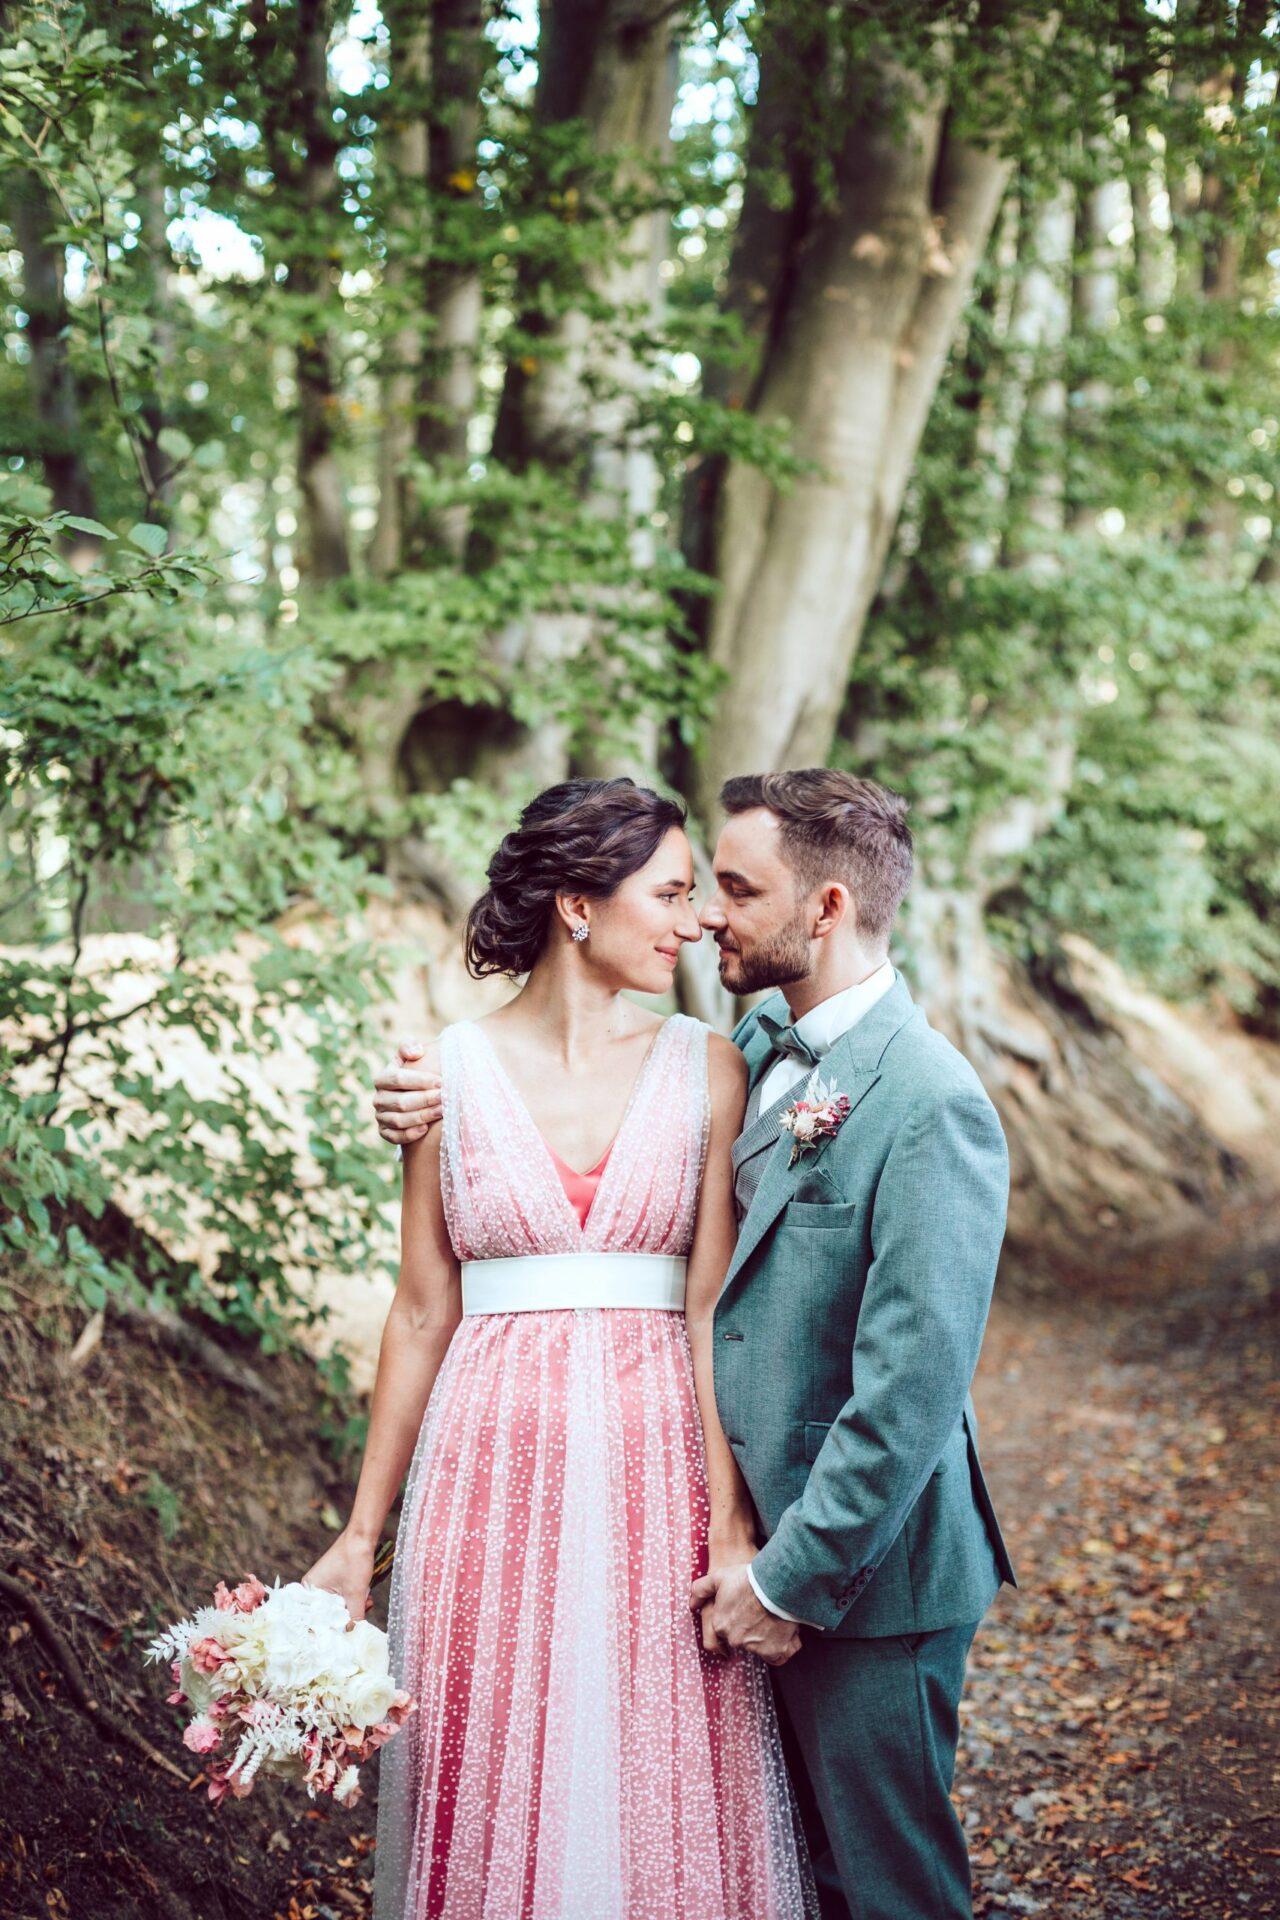 Braut und Bräutigam Arm in Arm schauen sich verliebt an